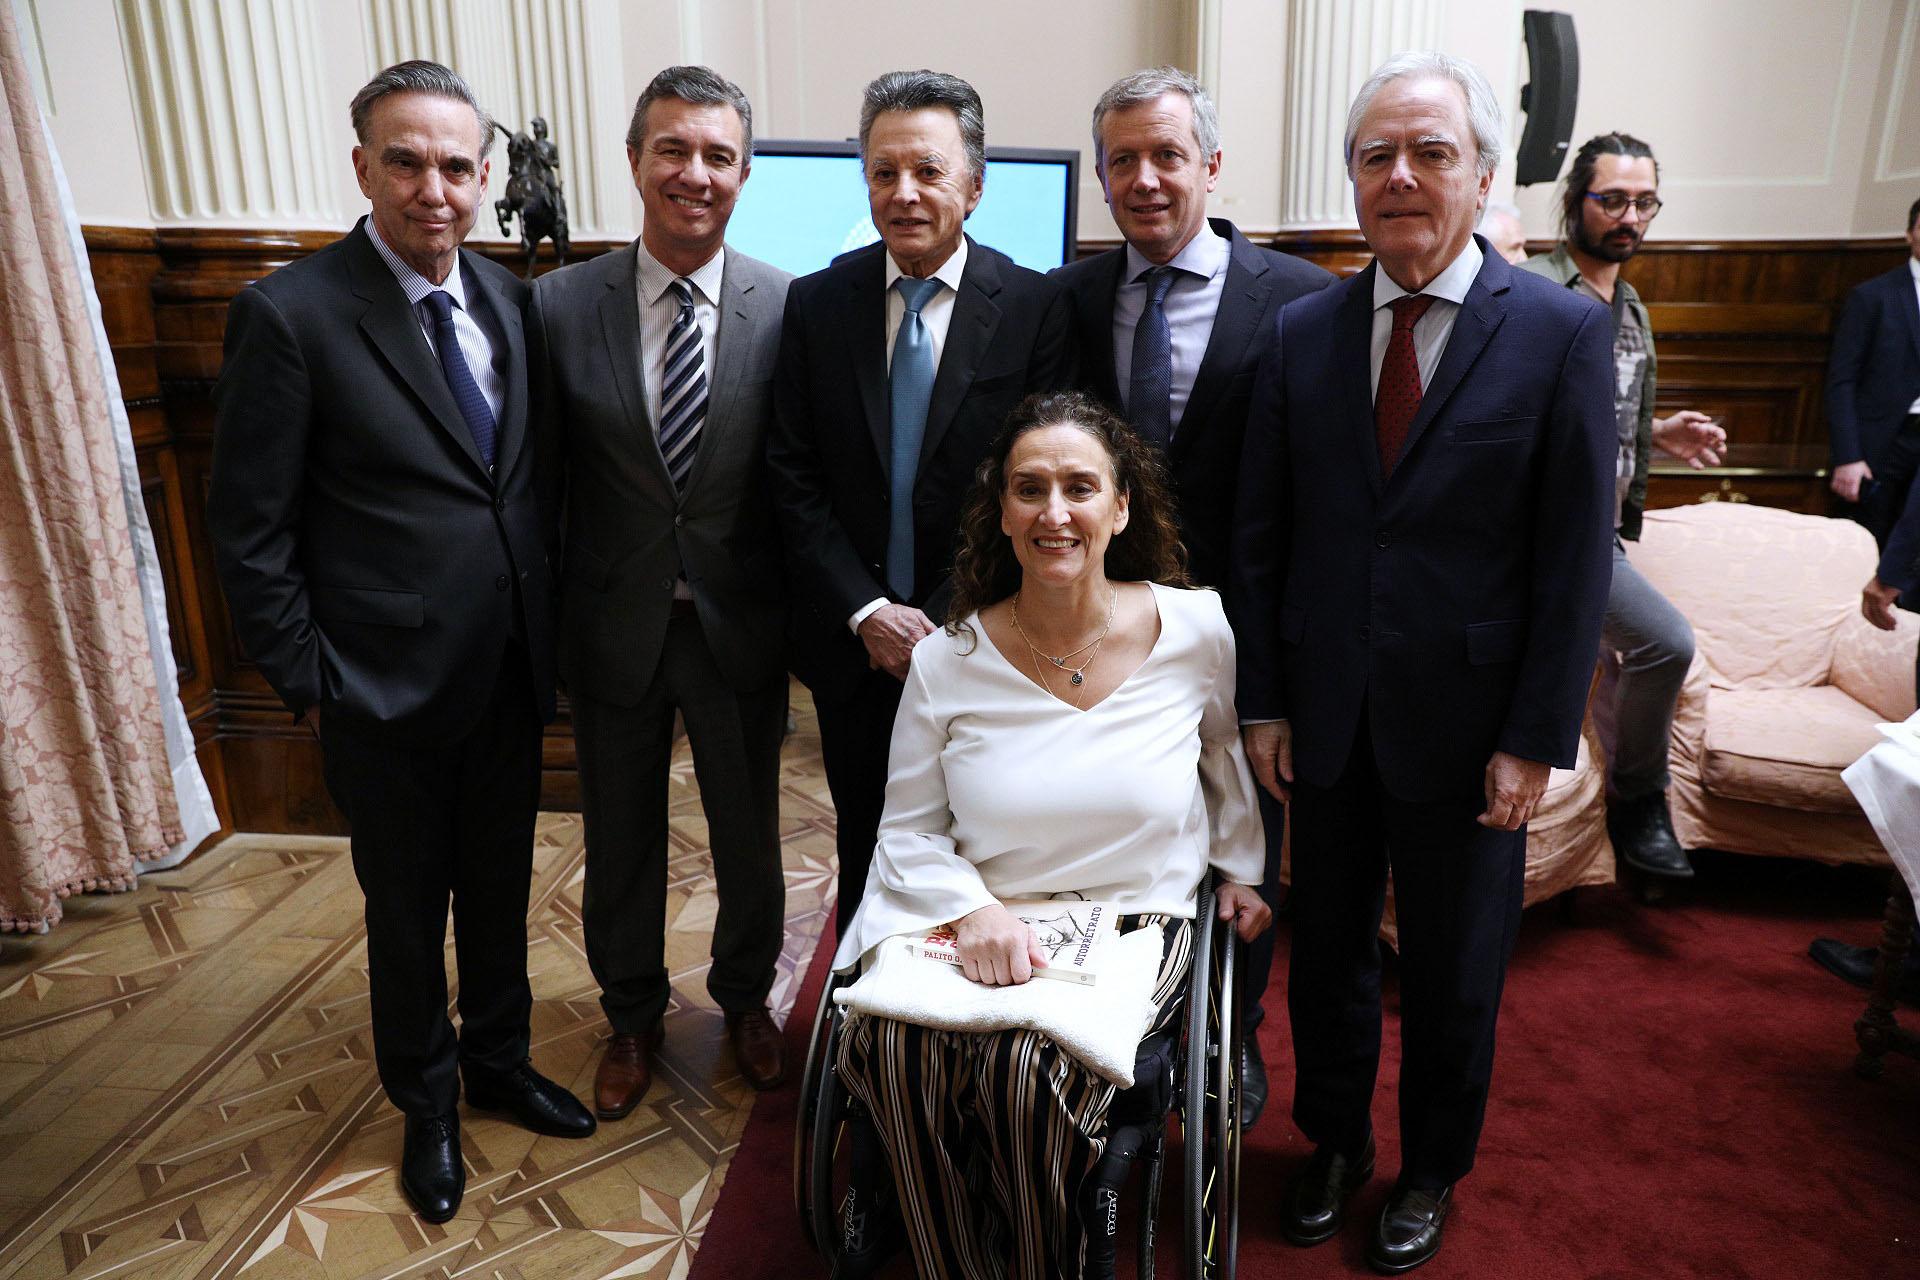 Palito con los legisladores que lo distinguieron: Picheto, Aguilar,Monzó, Federico Pinedo y Michetti